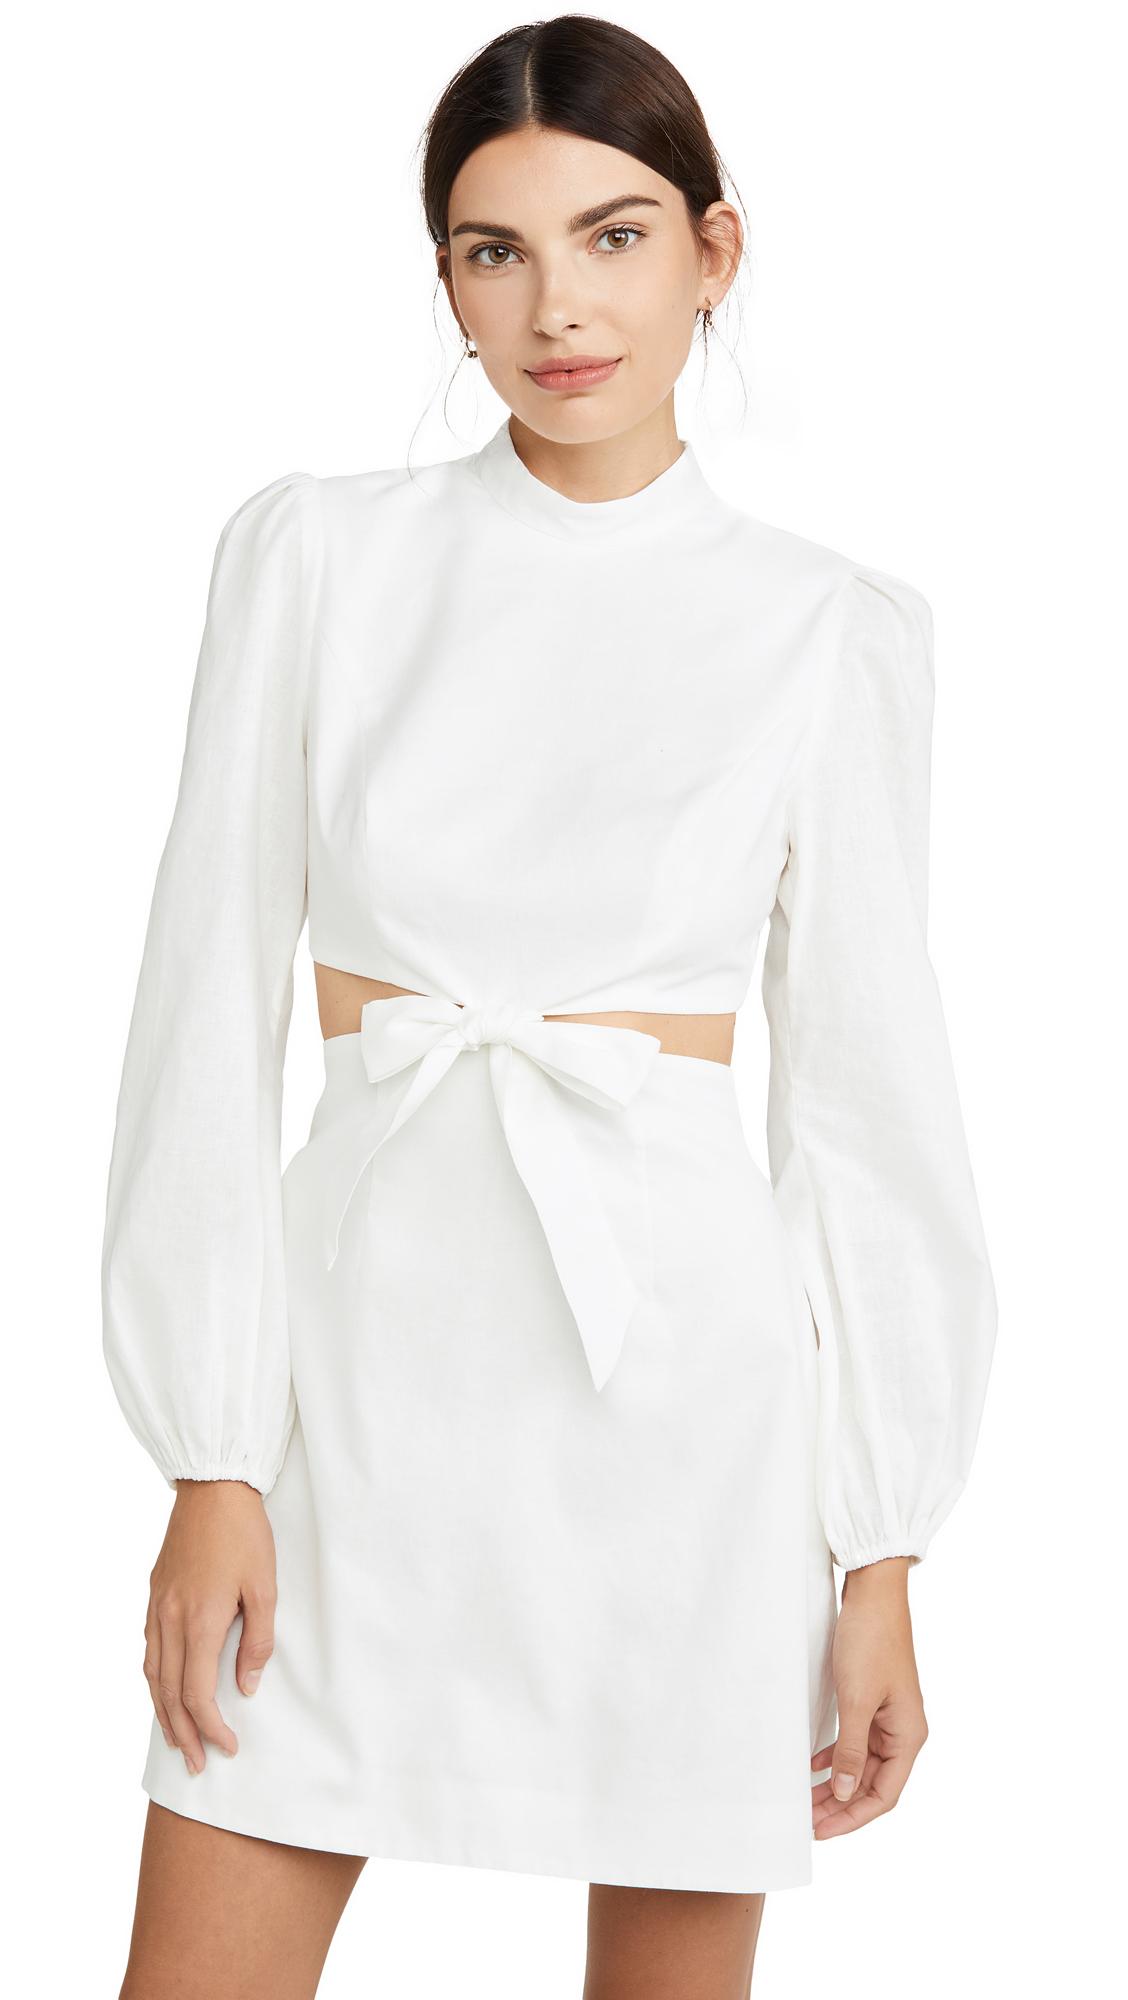 Zimmermann Zinnia Bow Cutout Short Dress - Ivory